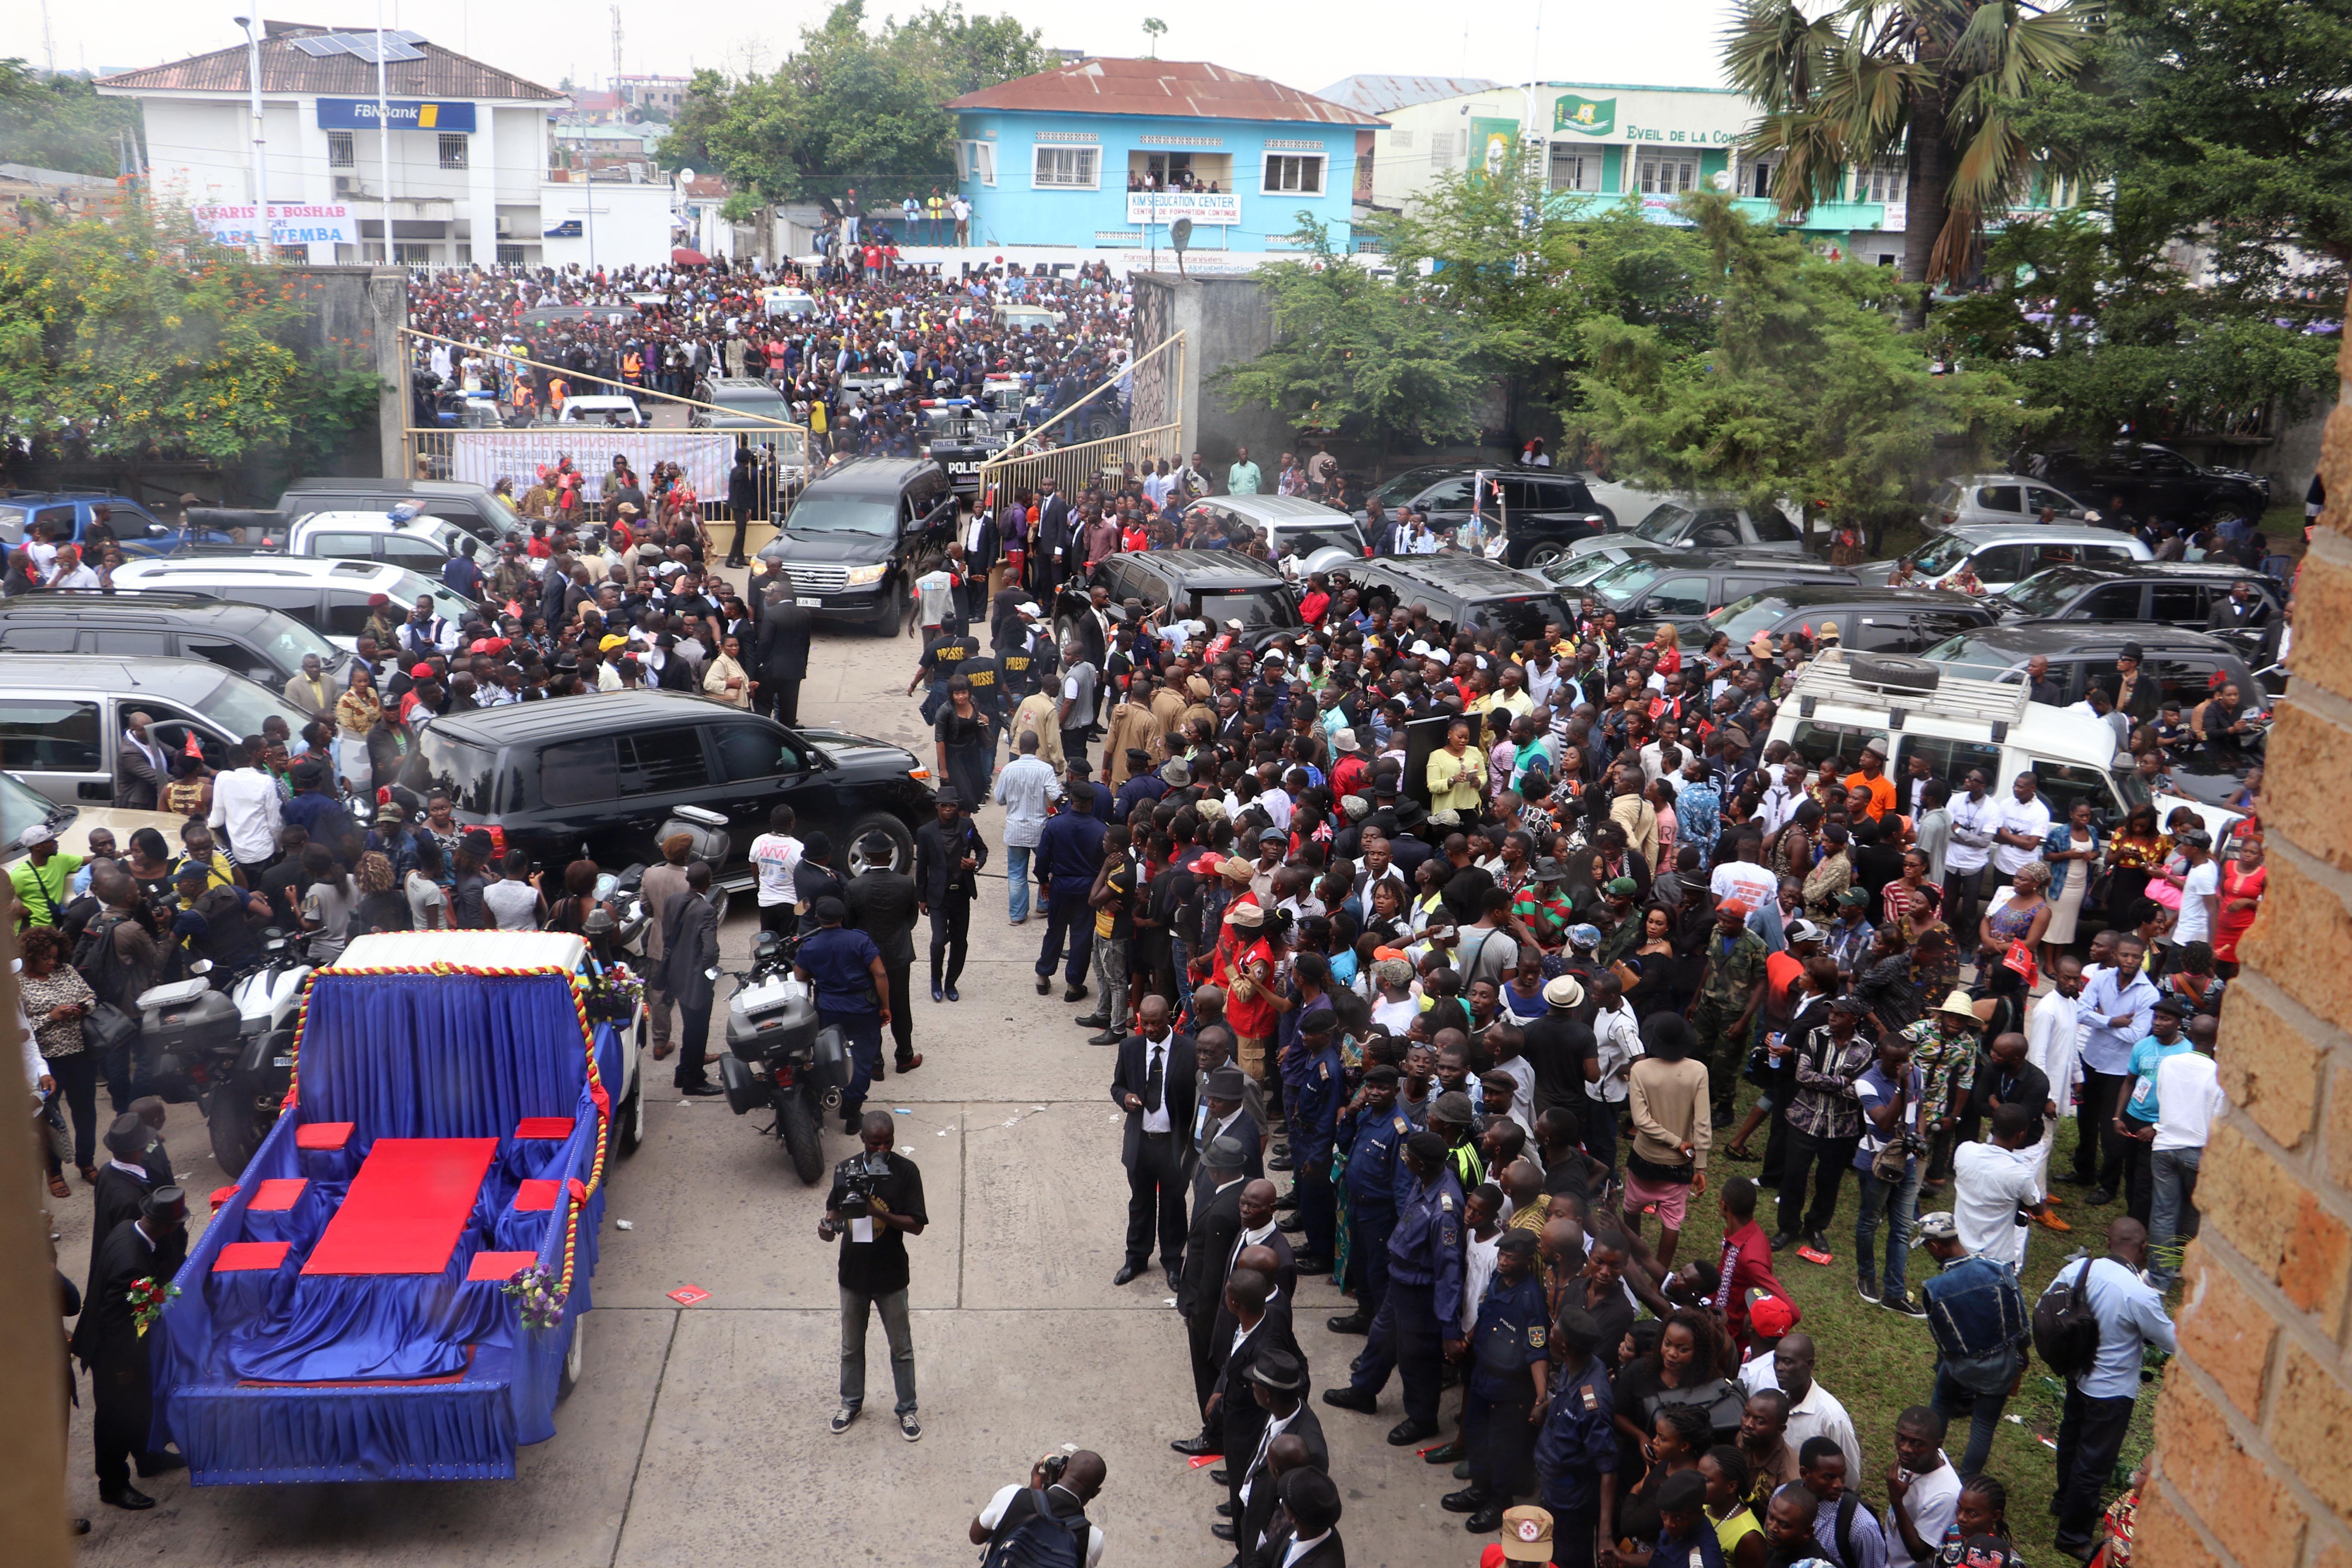 Congo buries its king of rumba, world music star Papa Wemba